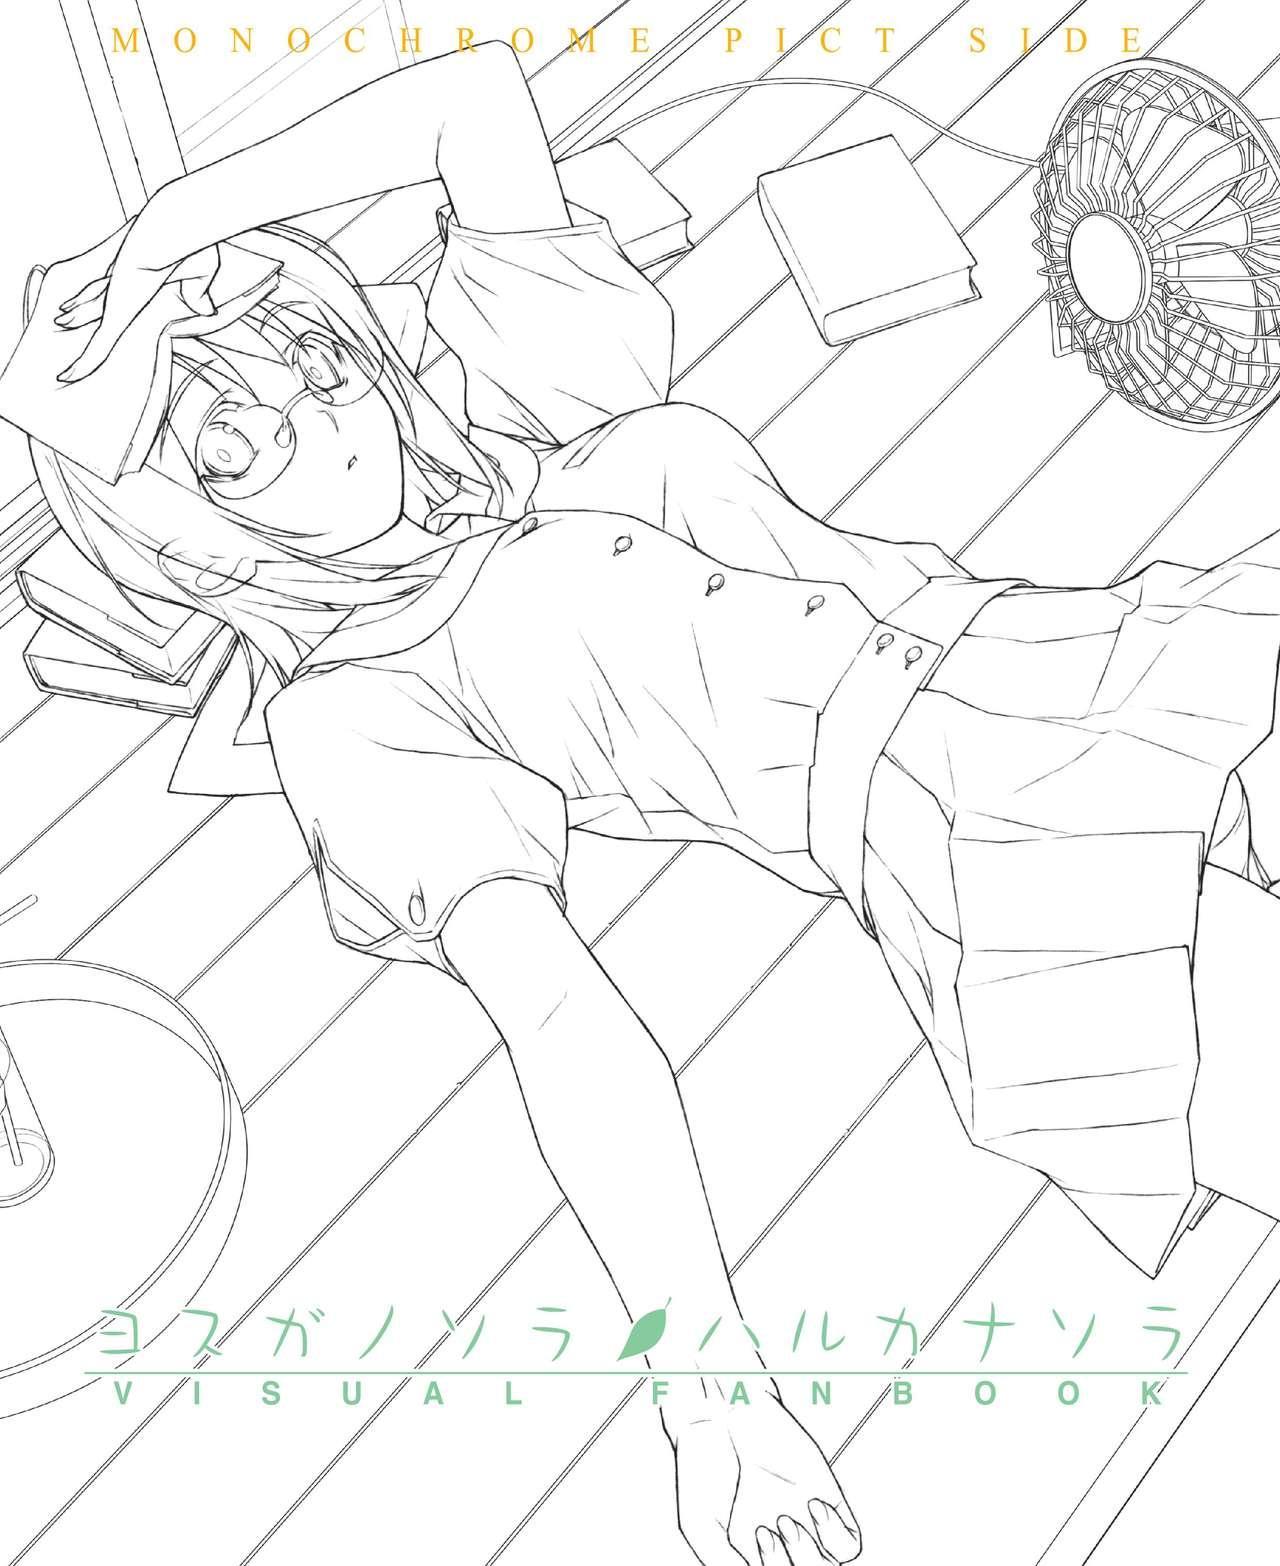 Yosuga no Sora Visual Fanbook 0